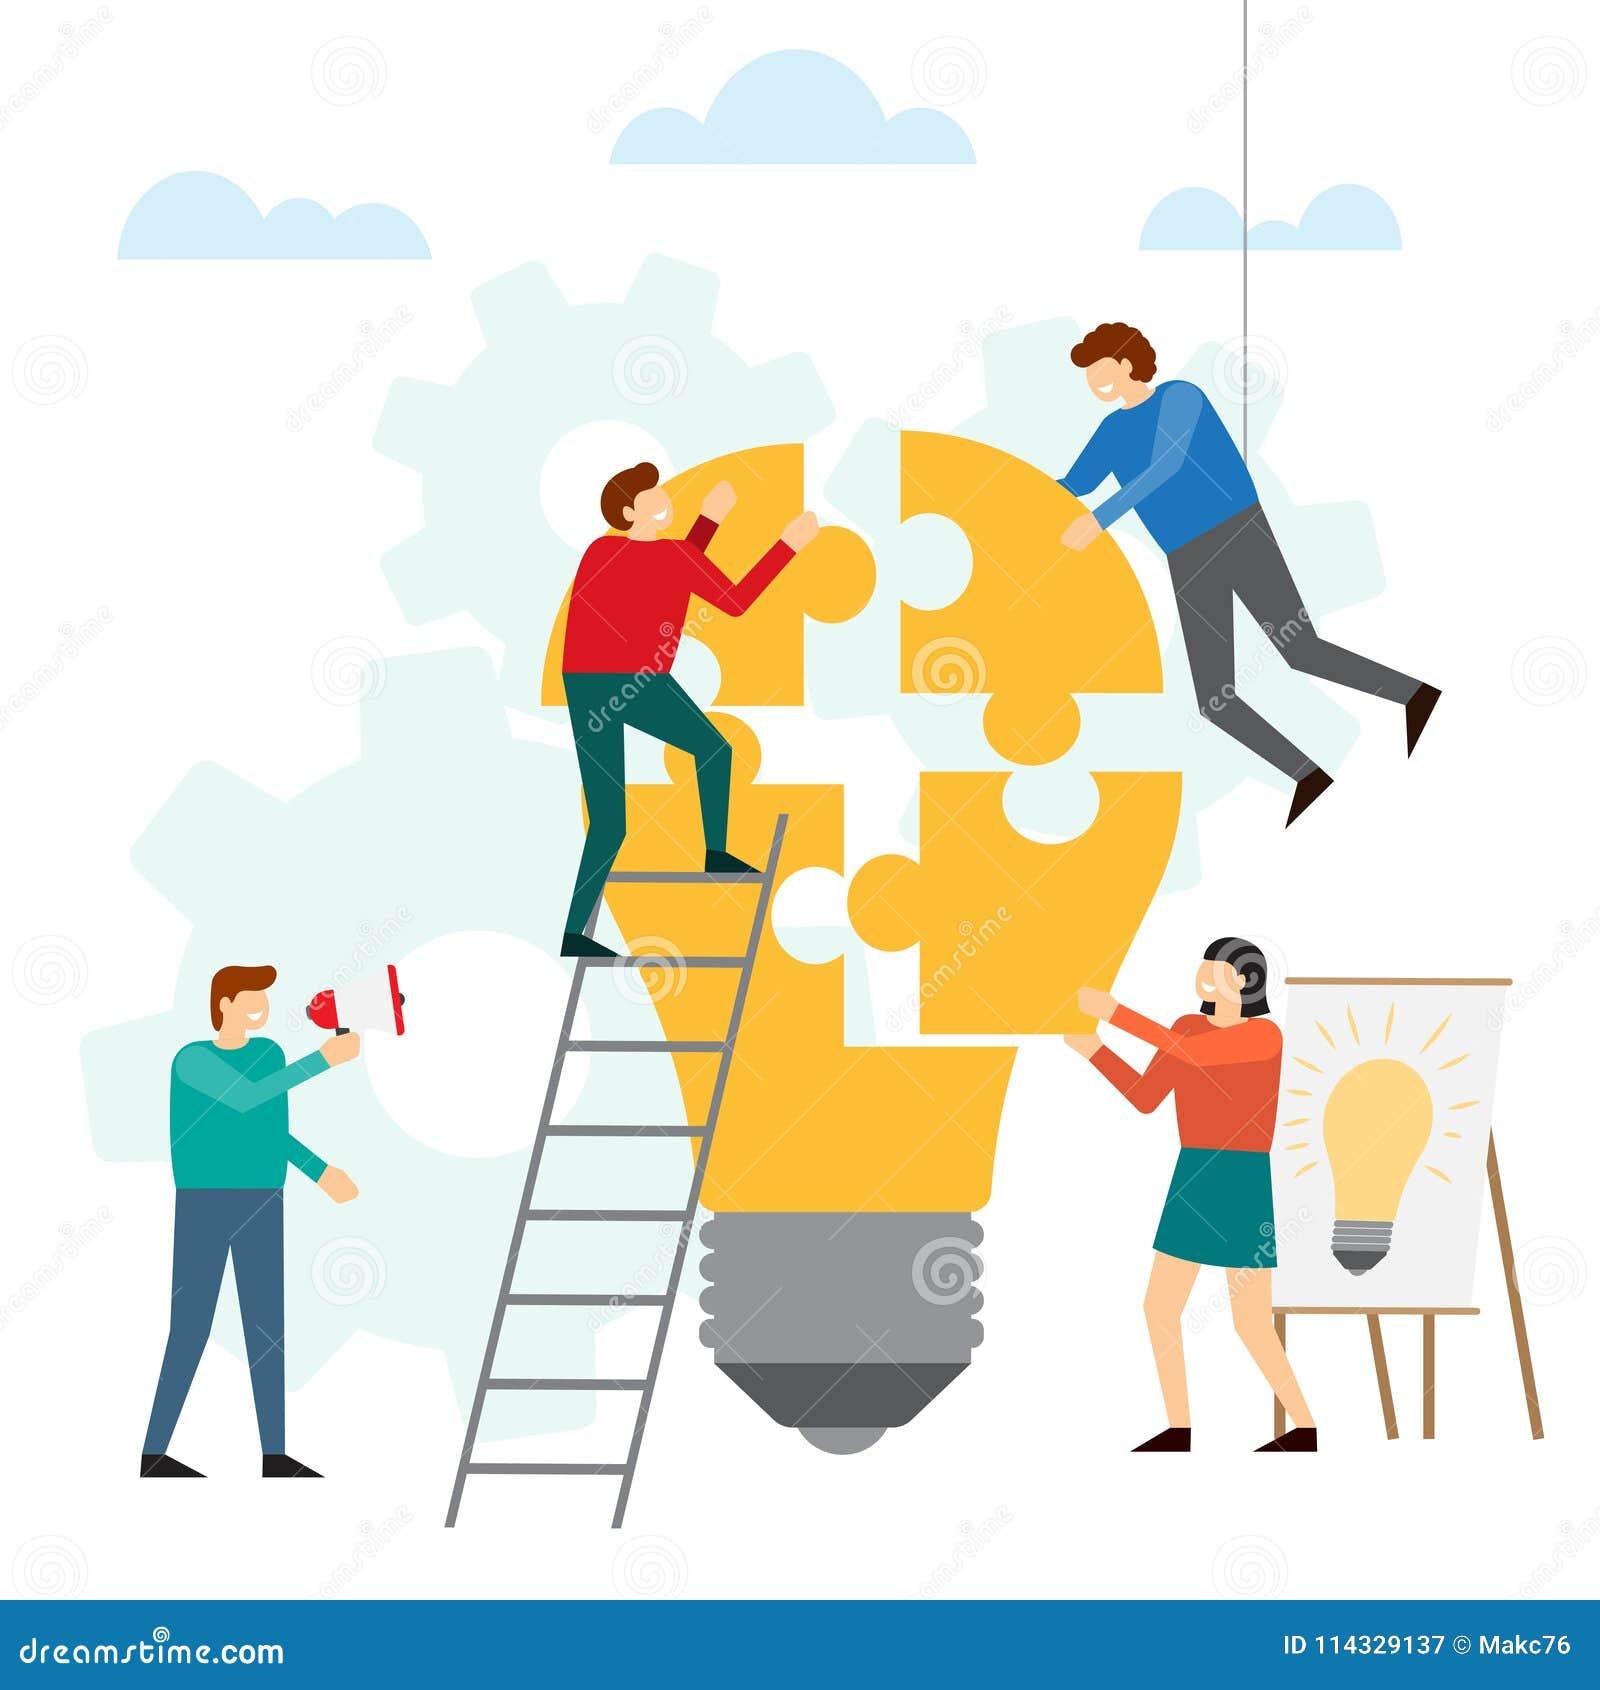 Idees And Solutions: Échange D'idées Et Concept Créatif D'idée Illustration De